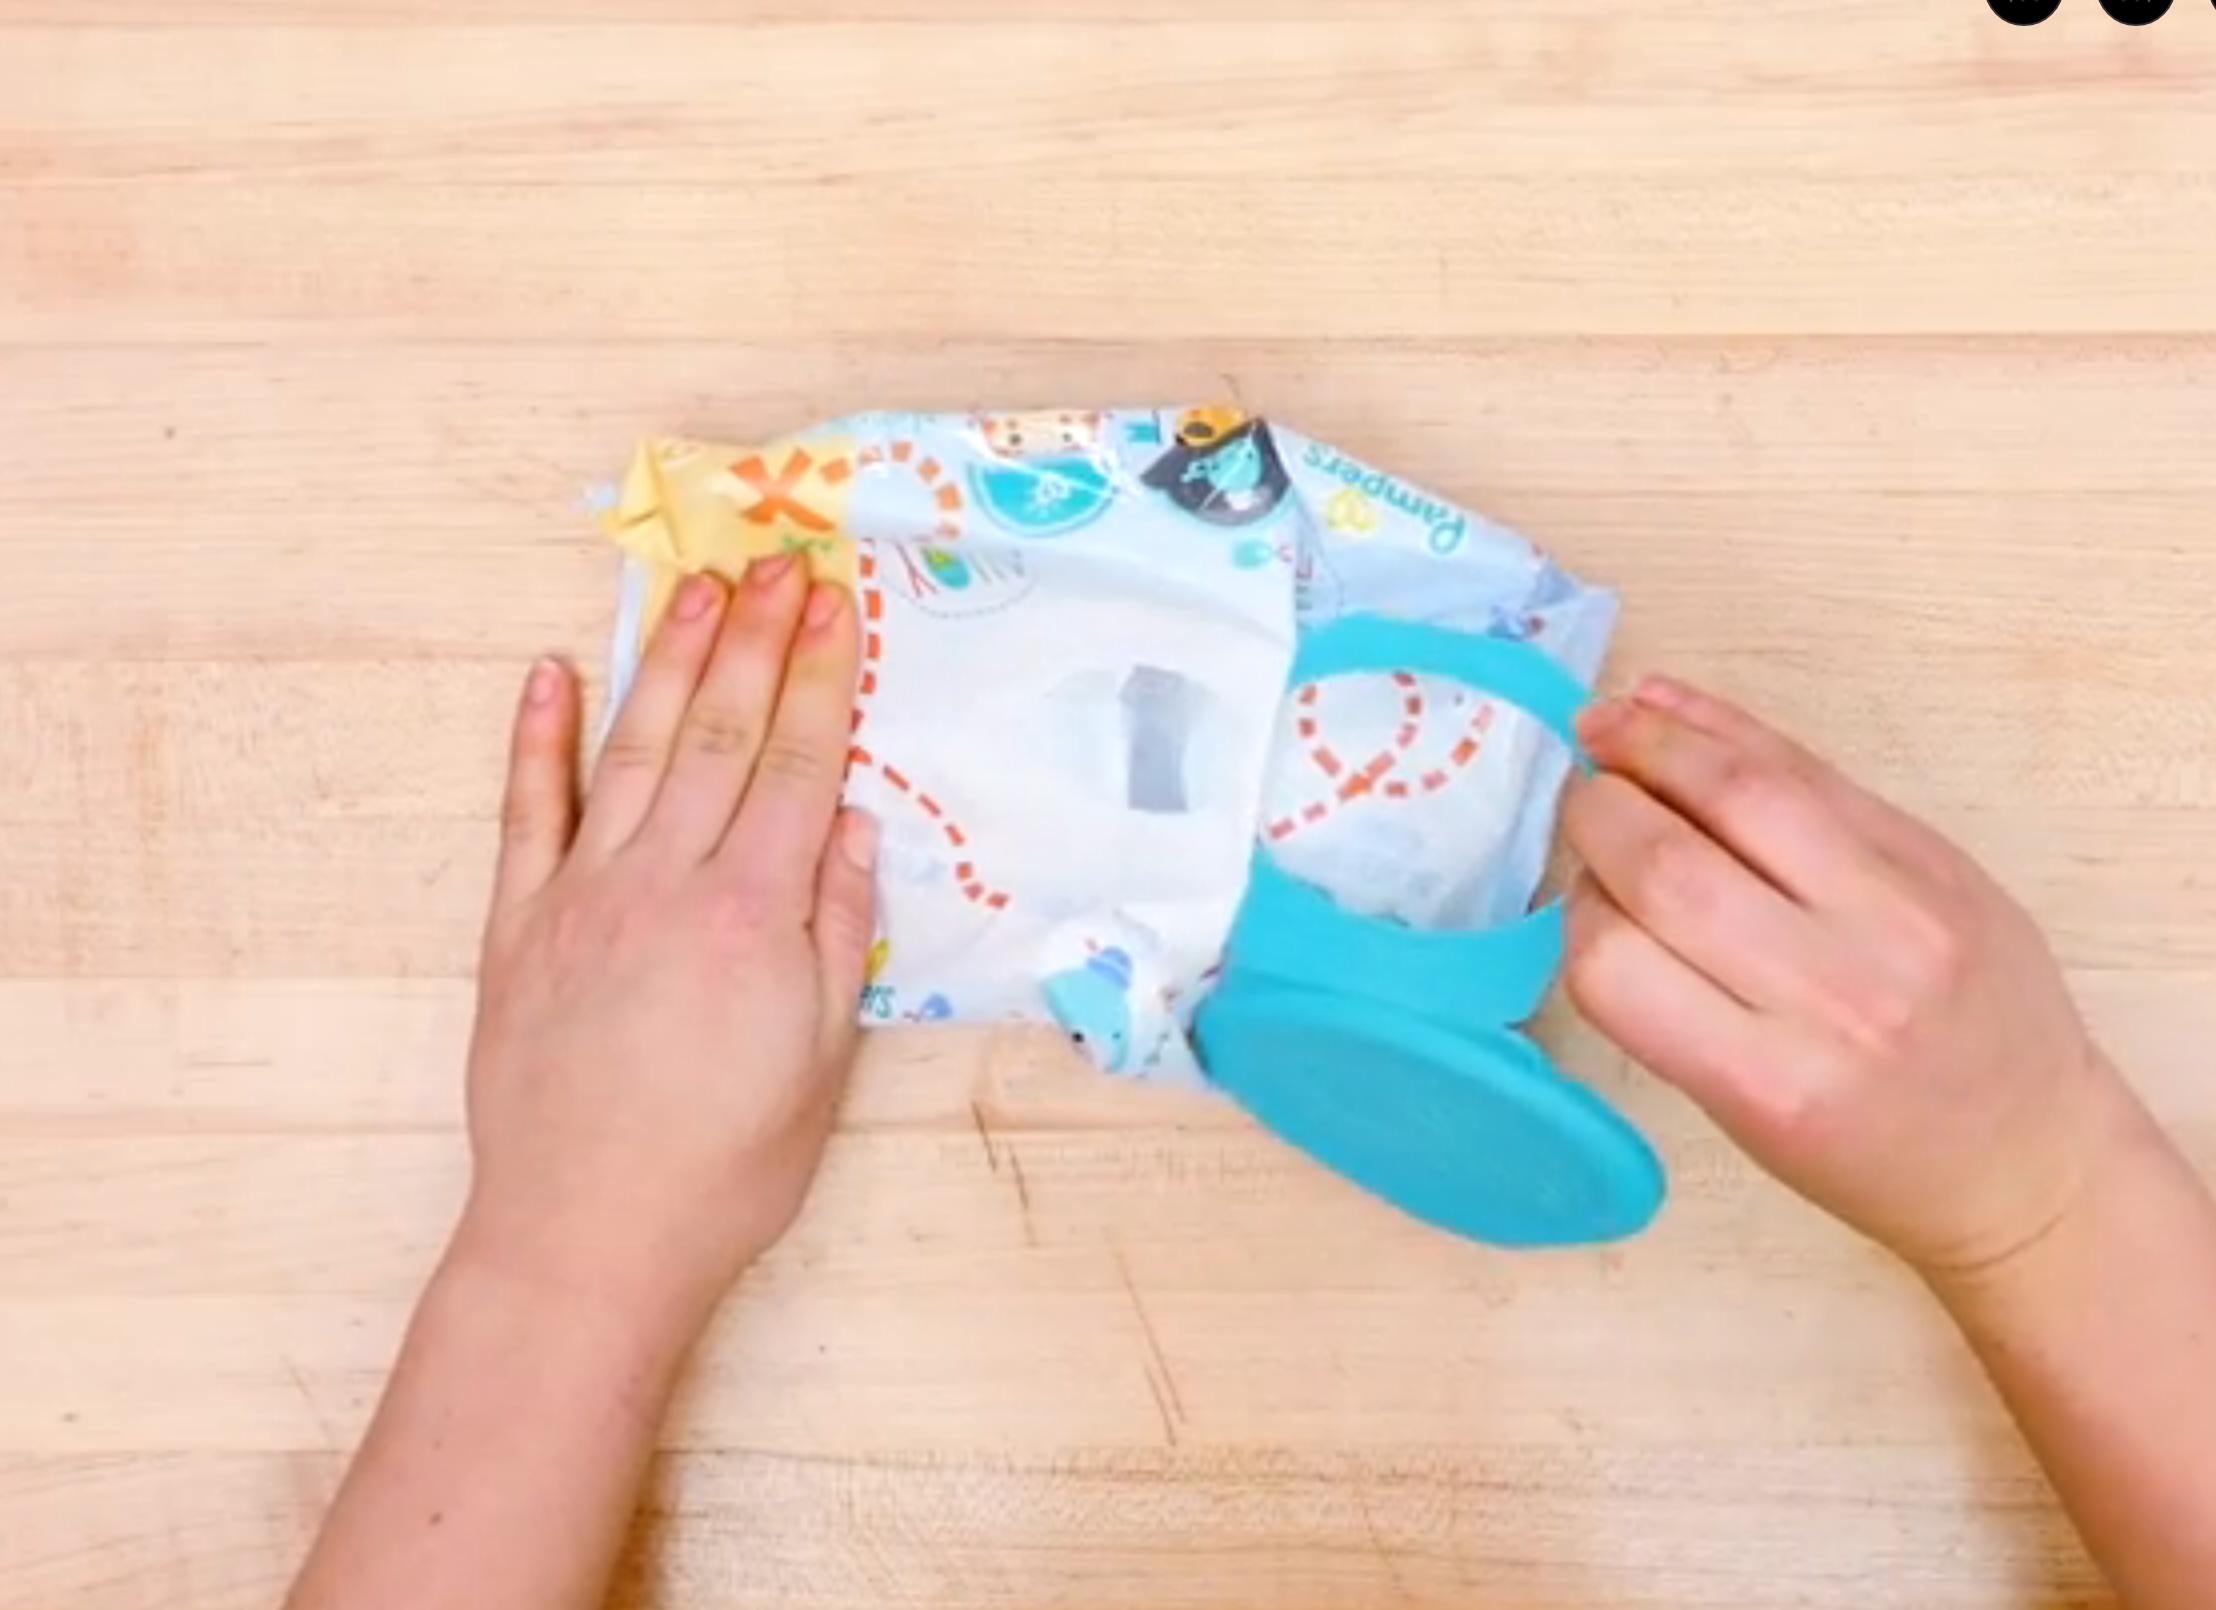 Tira de la tapa y da un giro radical a los paquetes de toallitas en 5 pasos